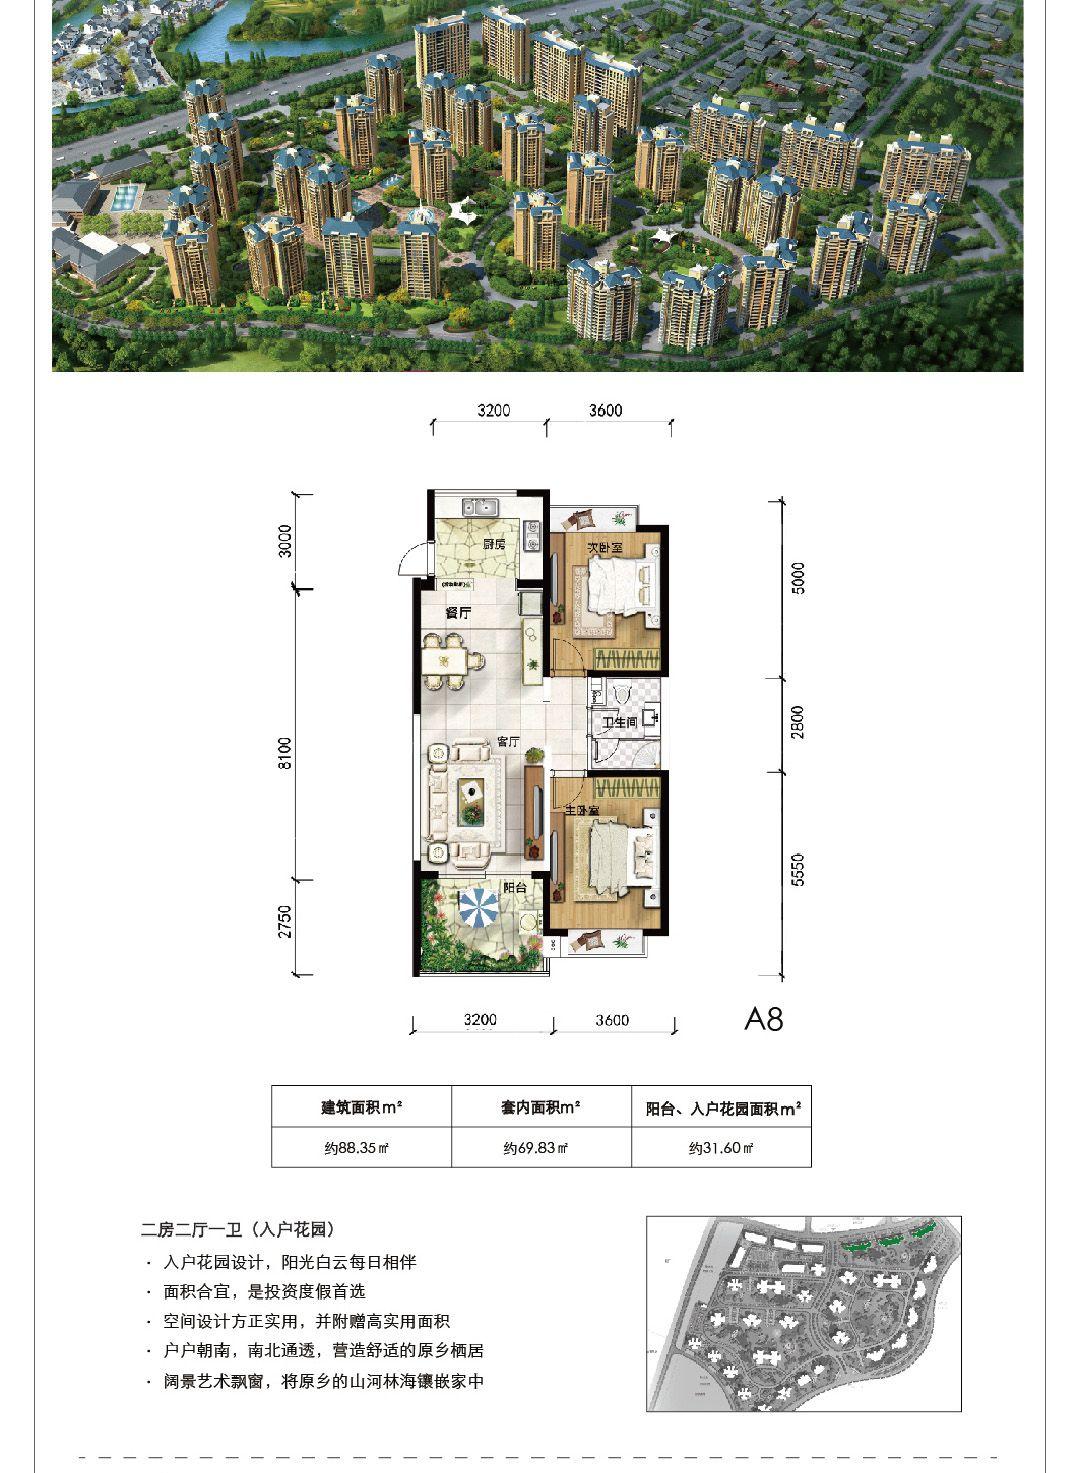 山居高黎洋房A8户型 2室2厅2卫1厨 建筑面积:88.35㎡